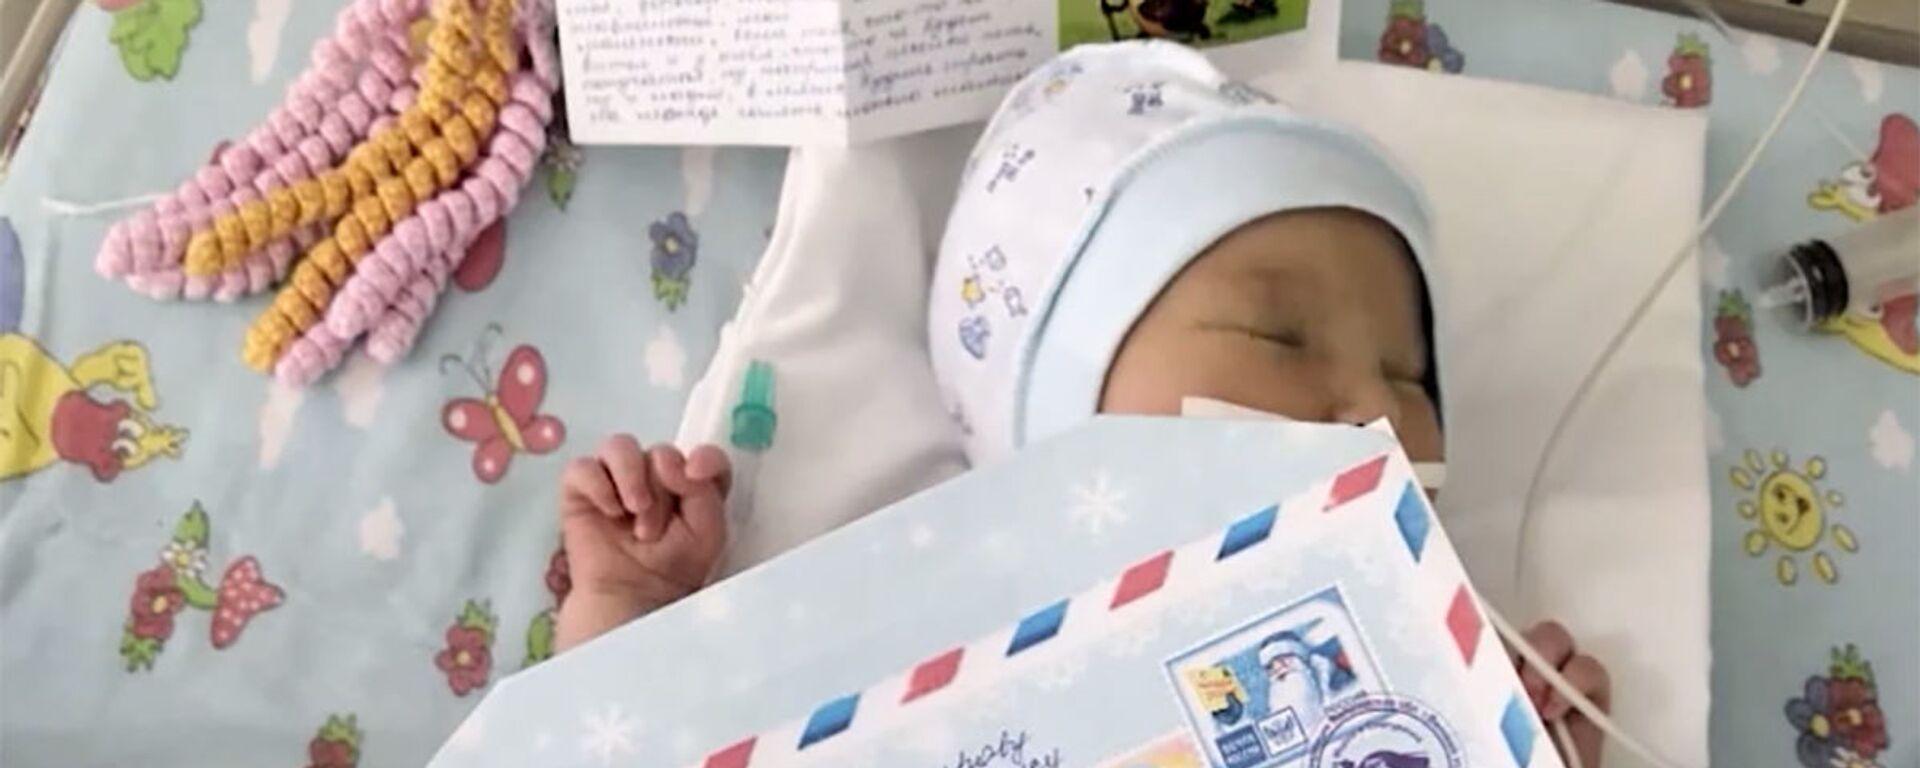 Τρυφερά γράμματα σε πρόωρα μωρά: Νοσοκομείο βοηθά τα νεογέννητα να νιώσουν τη μητρική αγάπη  - Sputnik Ελλάδα, 1920, 14.10.2020